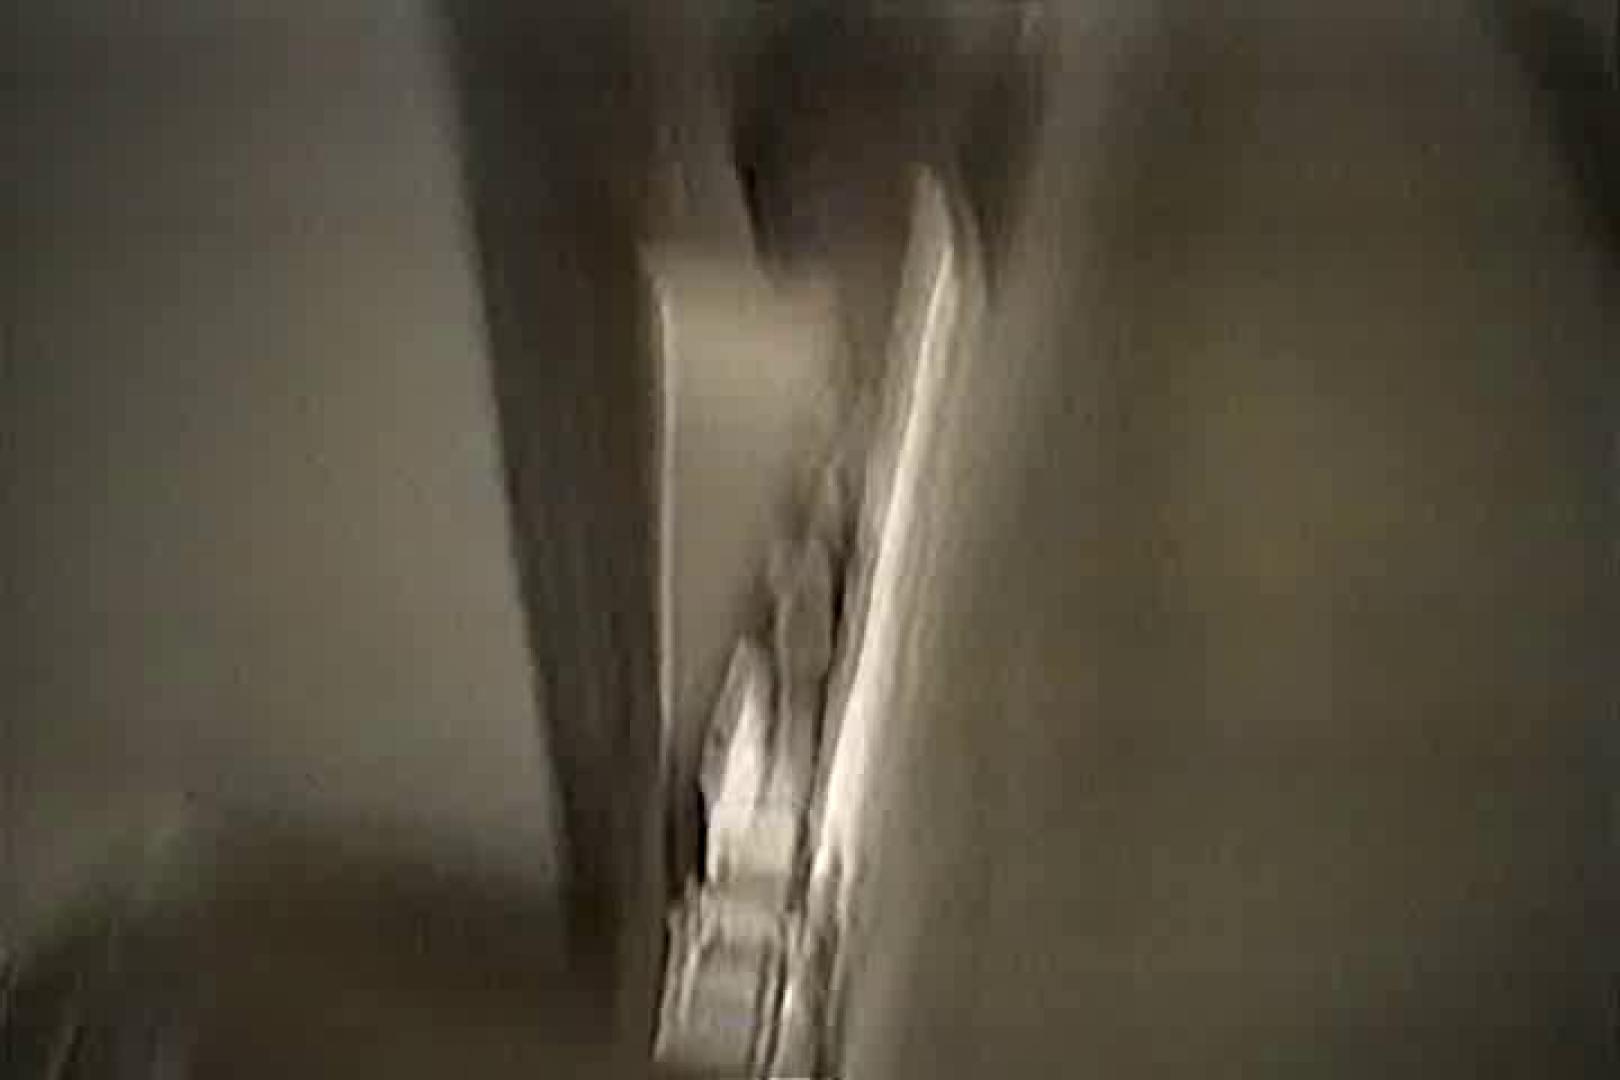 ファミレス洗面所_NO2 盗撮 | 潜入  101PIX 93